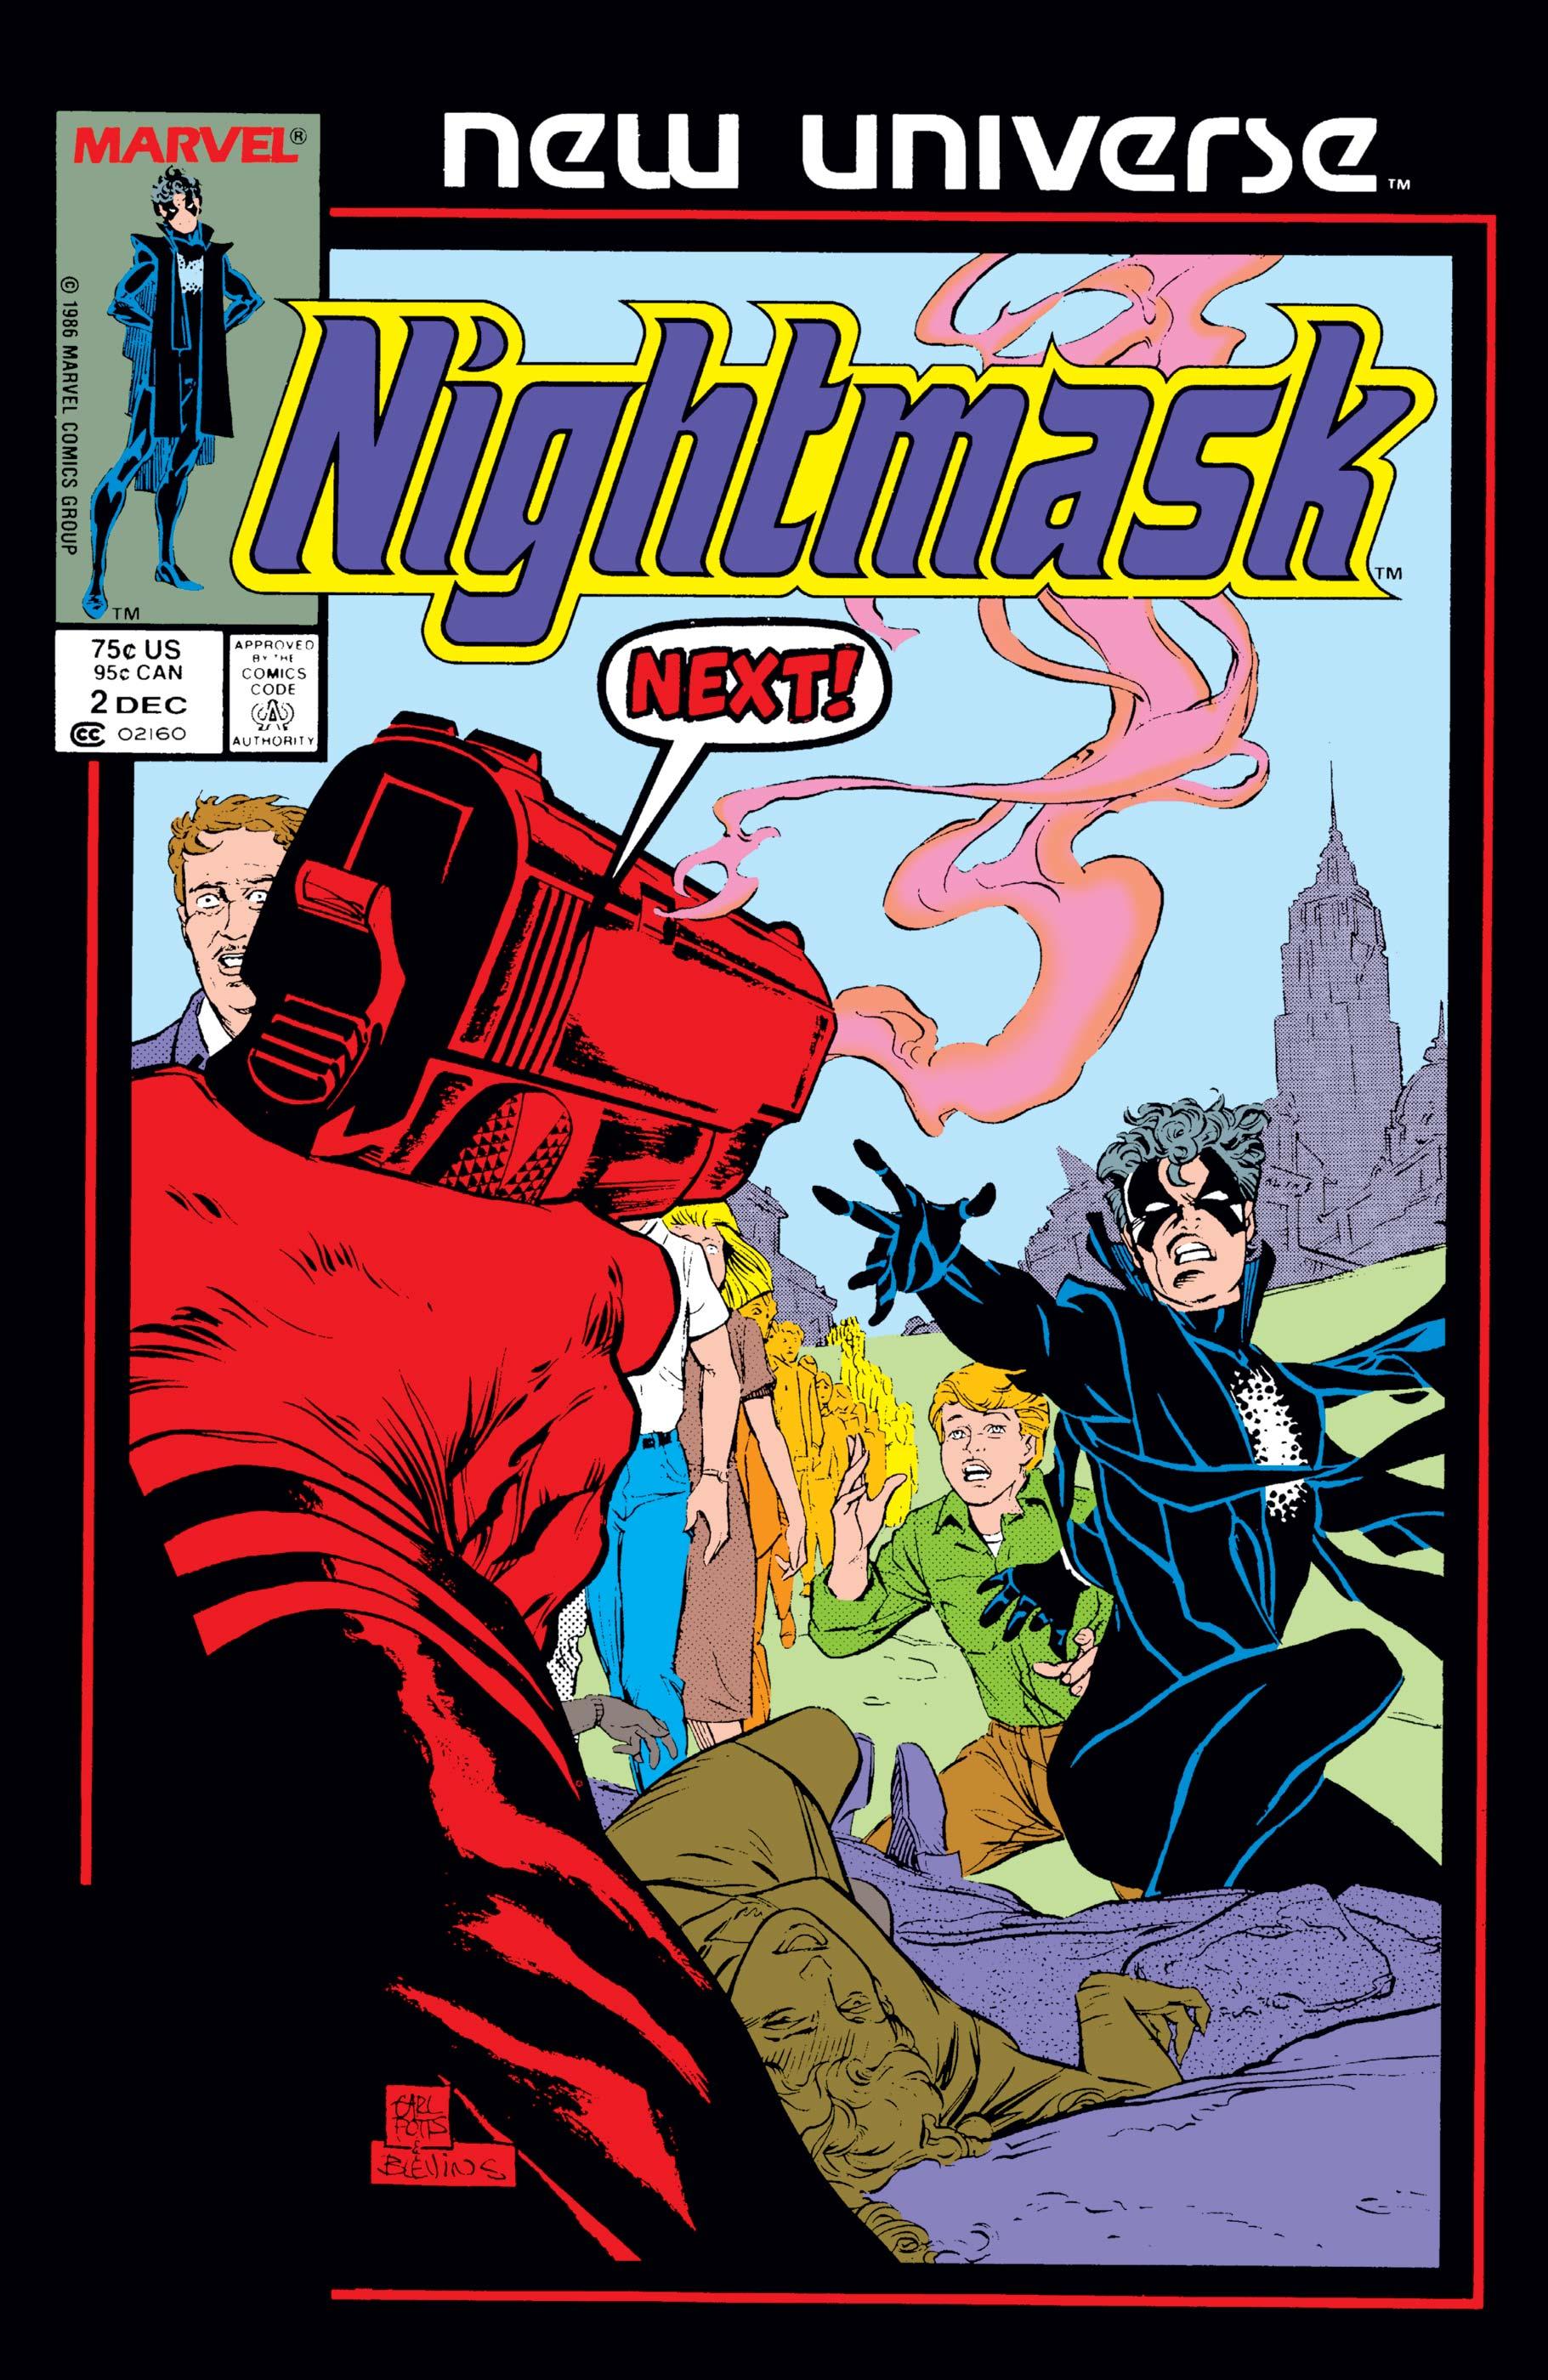 Nightmask (1986) #2